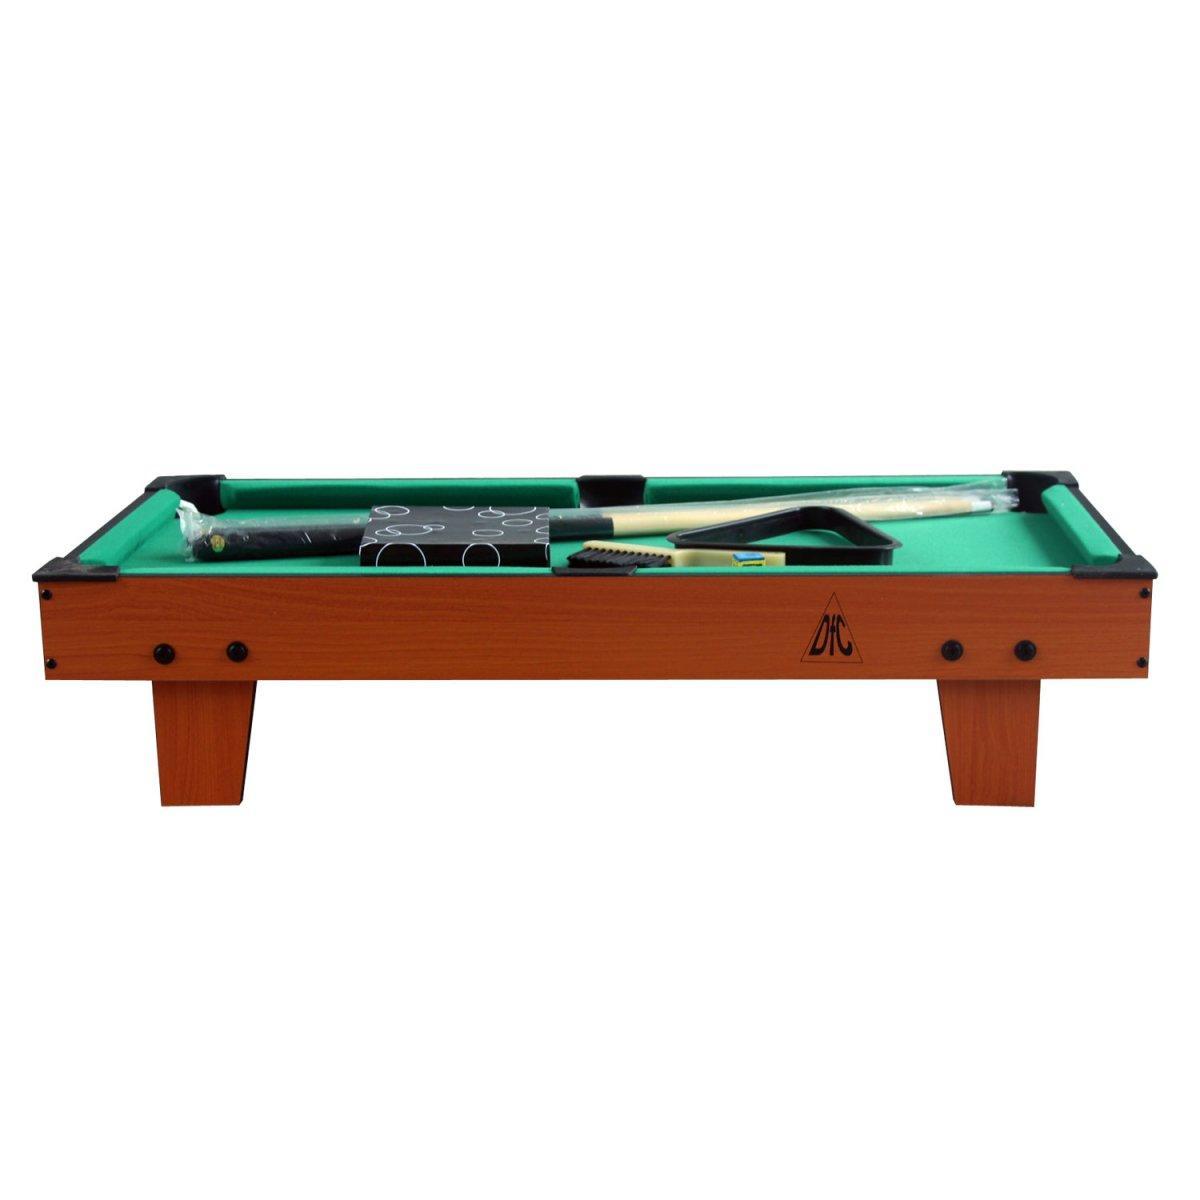 Бильярдный стол DFC PIRATE мини в Москве 78001001185 купить 2